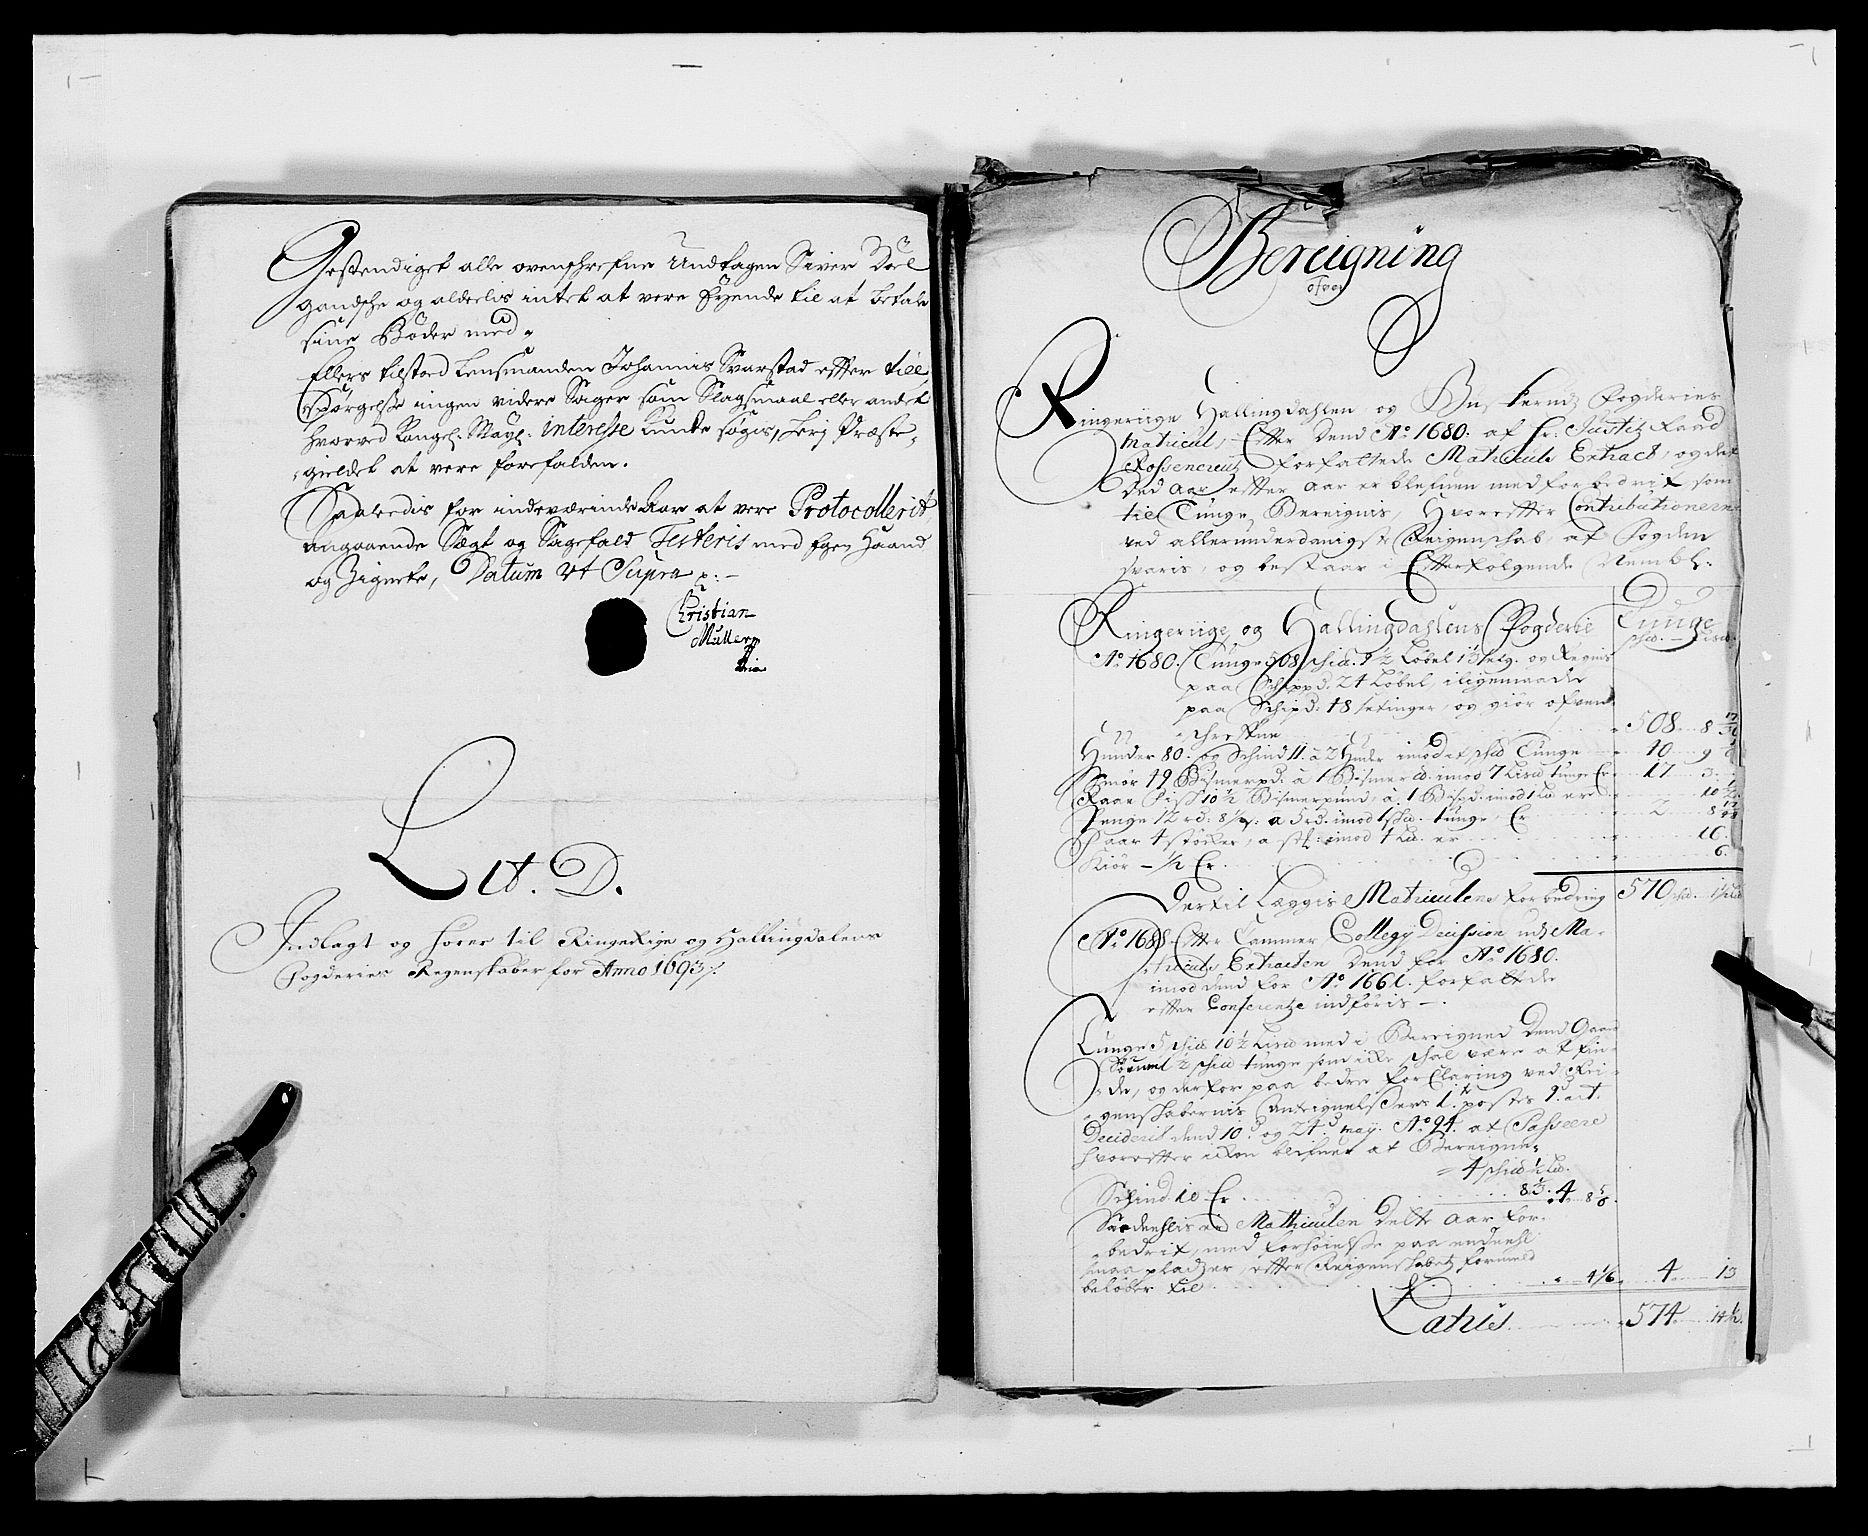 RA, Rentekammeret inntil 1814, Reviderte regnskaper, Fogderegnskap, R21/L1450: Fogderegnskap Ringerike og Hallingdal, 1693, s. 104